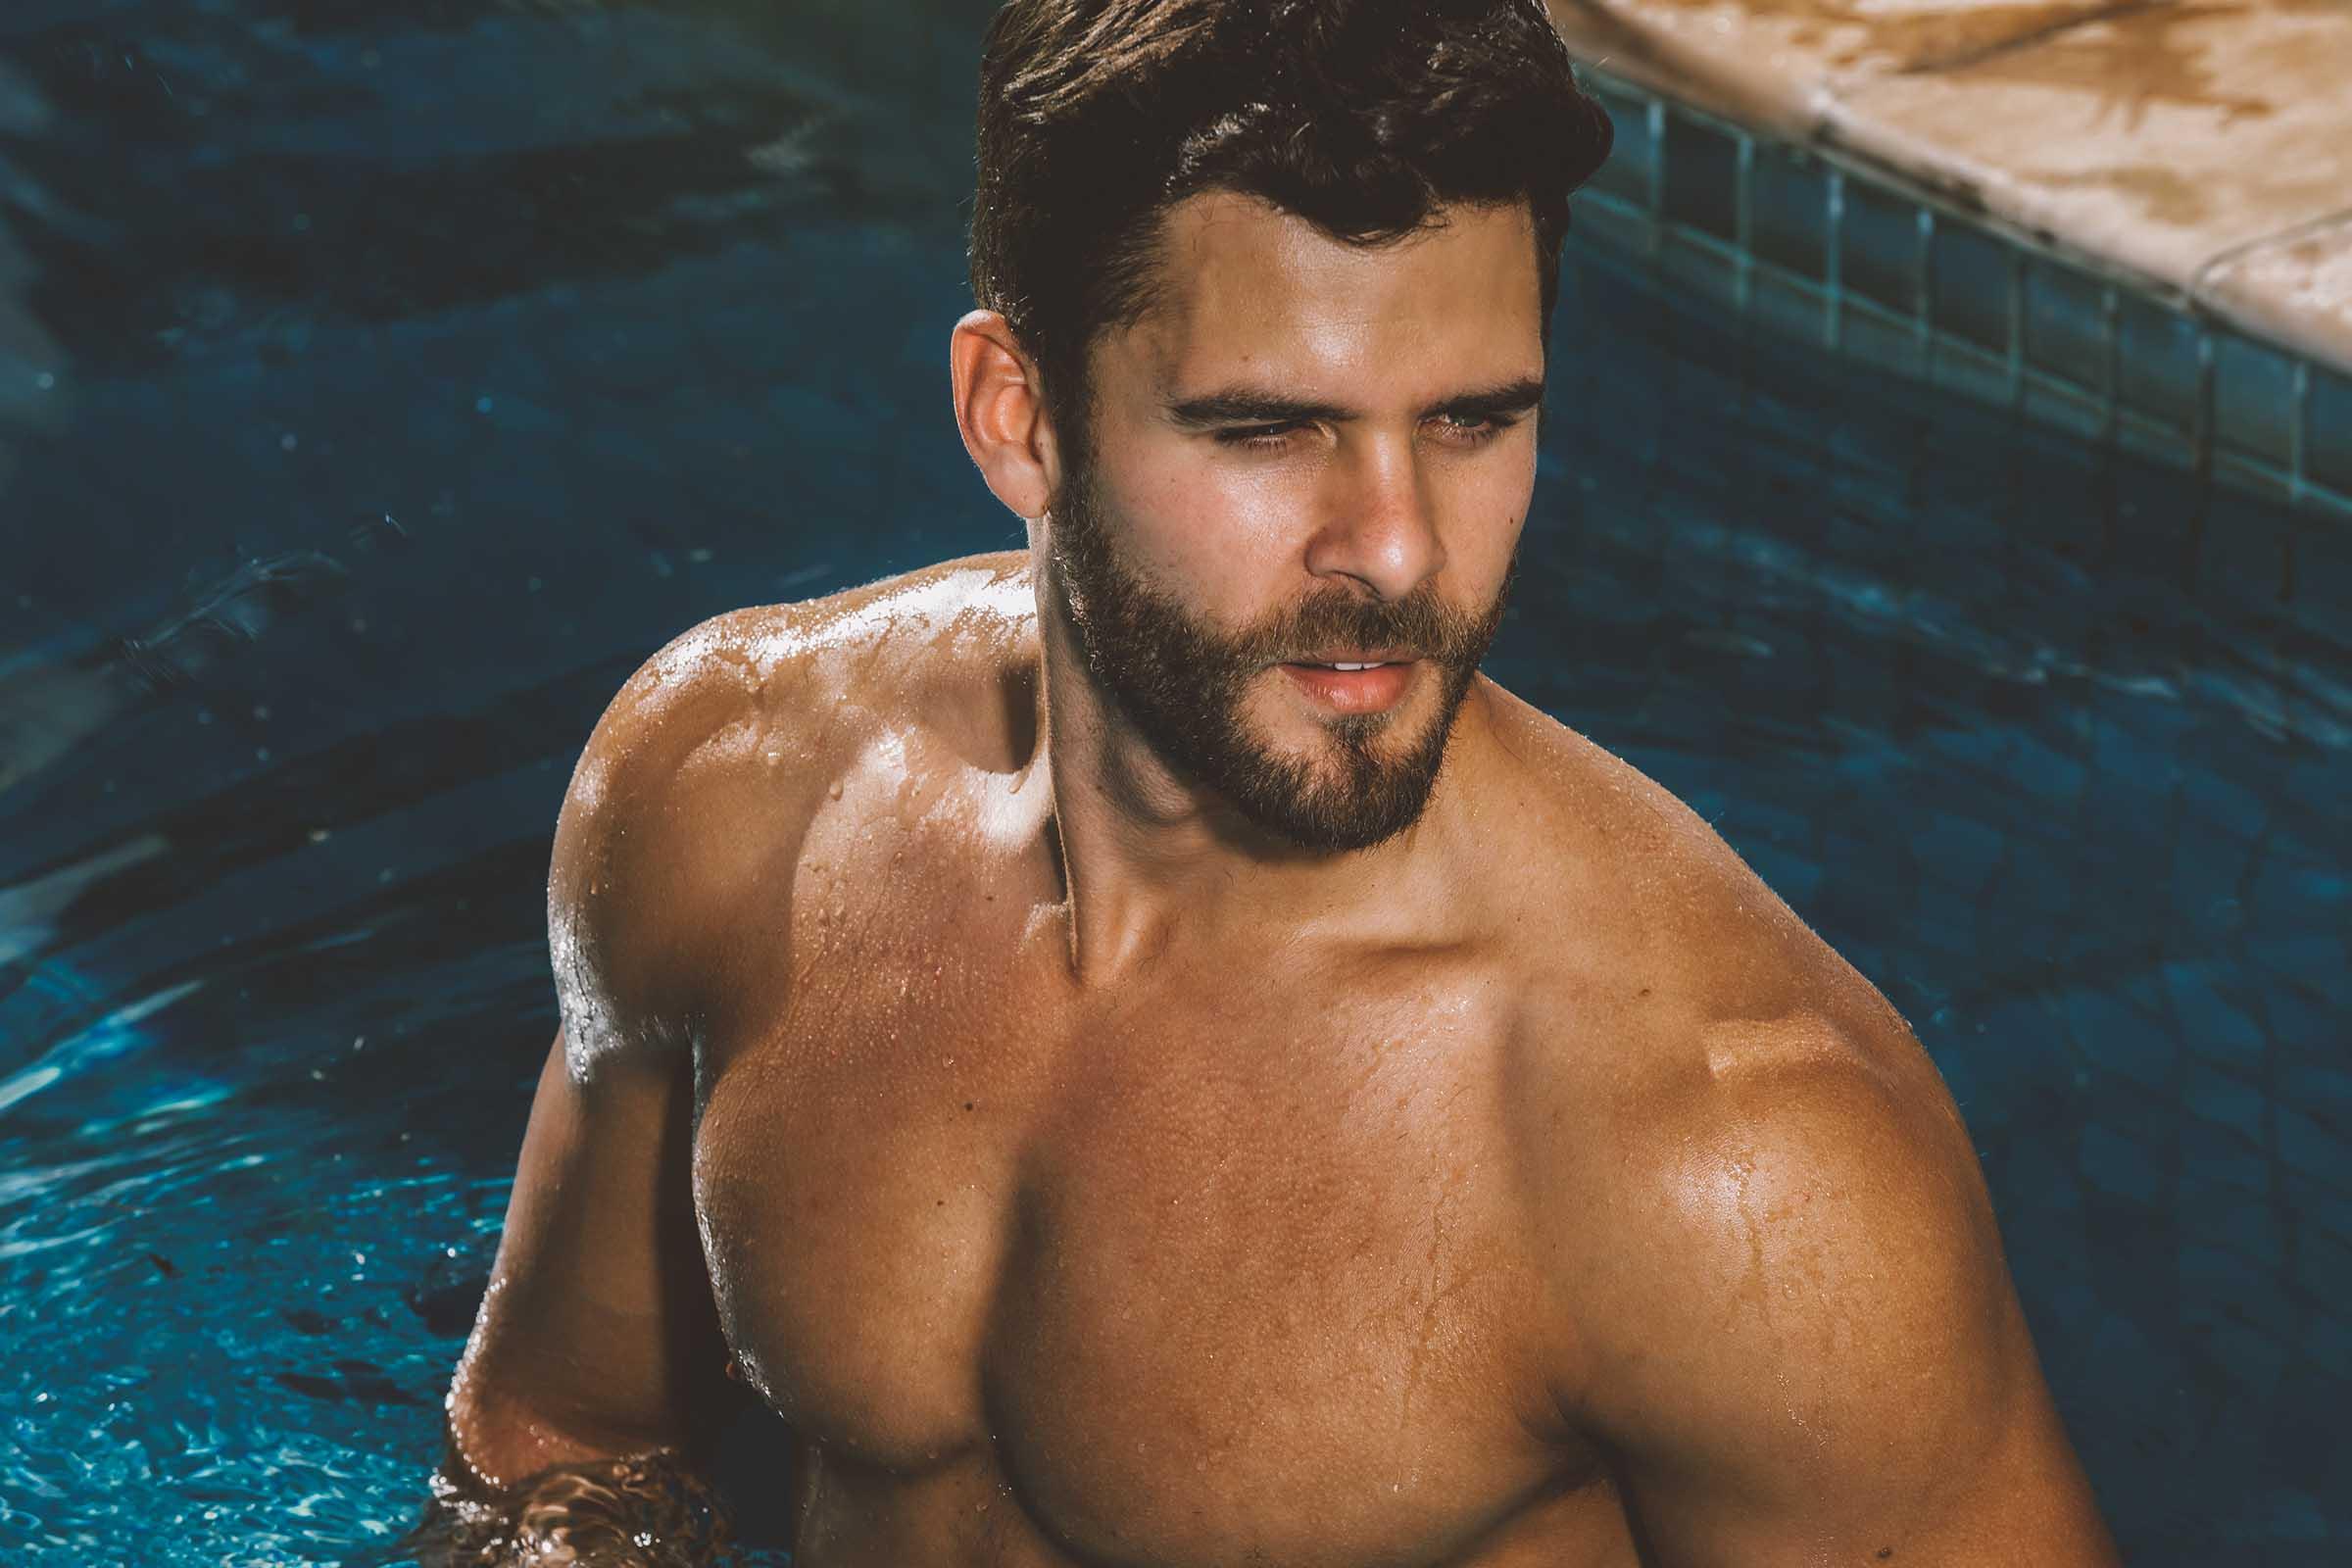 Caio Alves by Henrique Monducci for Brazilian Male Model